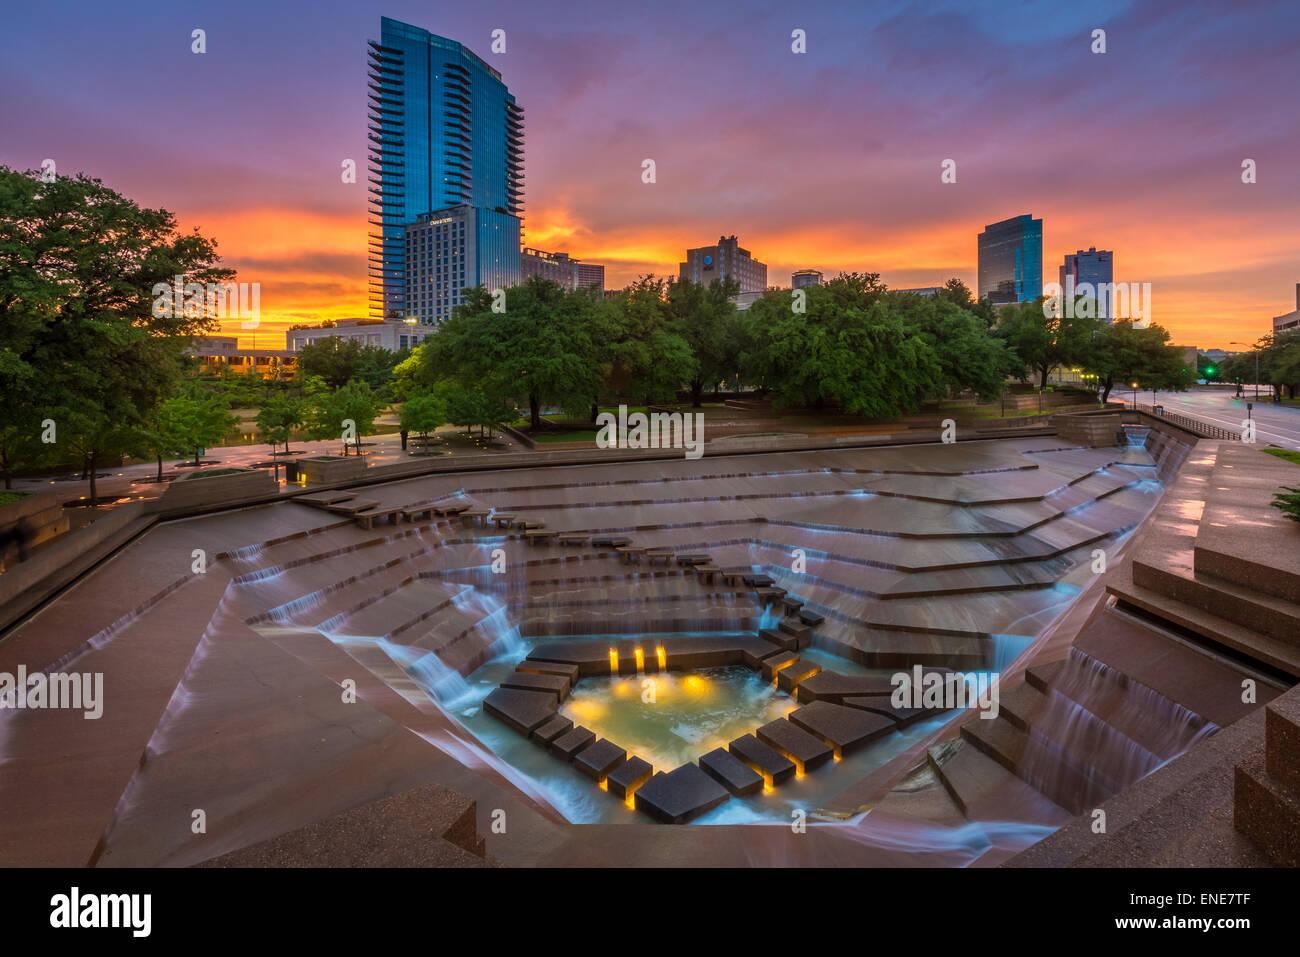 Fort Worth Wassergärten, Baujahr 1974, befindet sich am südlichen Ende der Innenstadt von Fort Worth, Stockbild